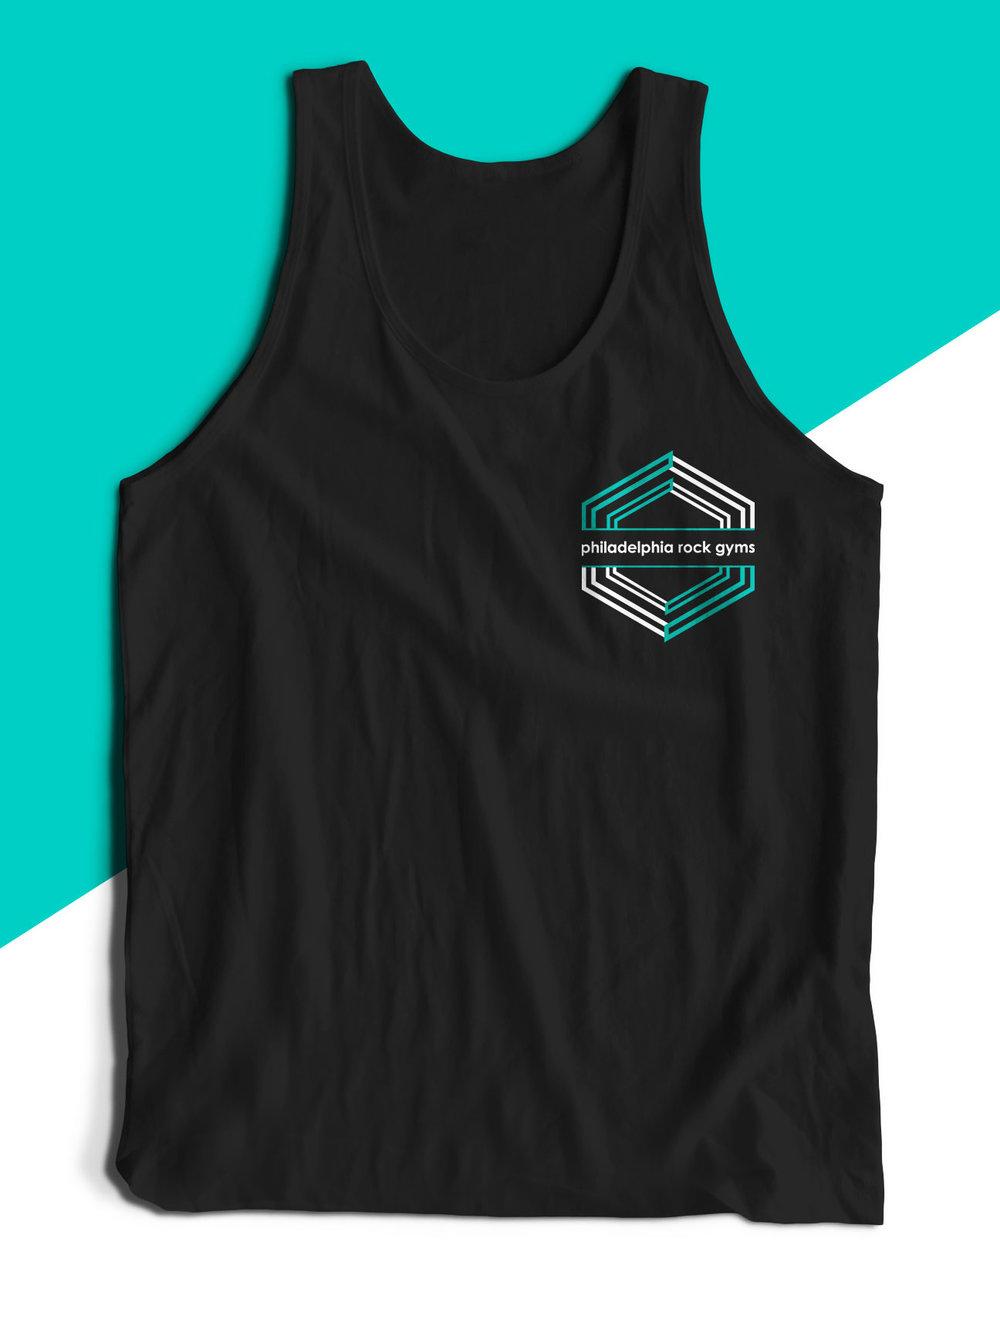 dws_shirt_front.jpg